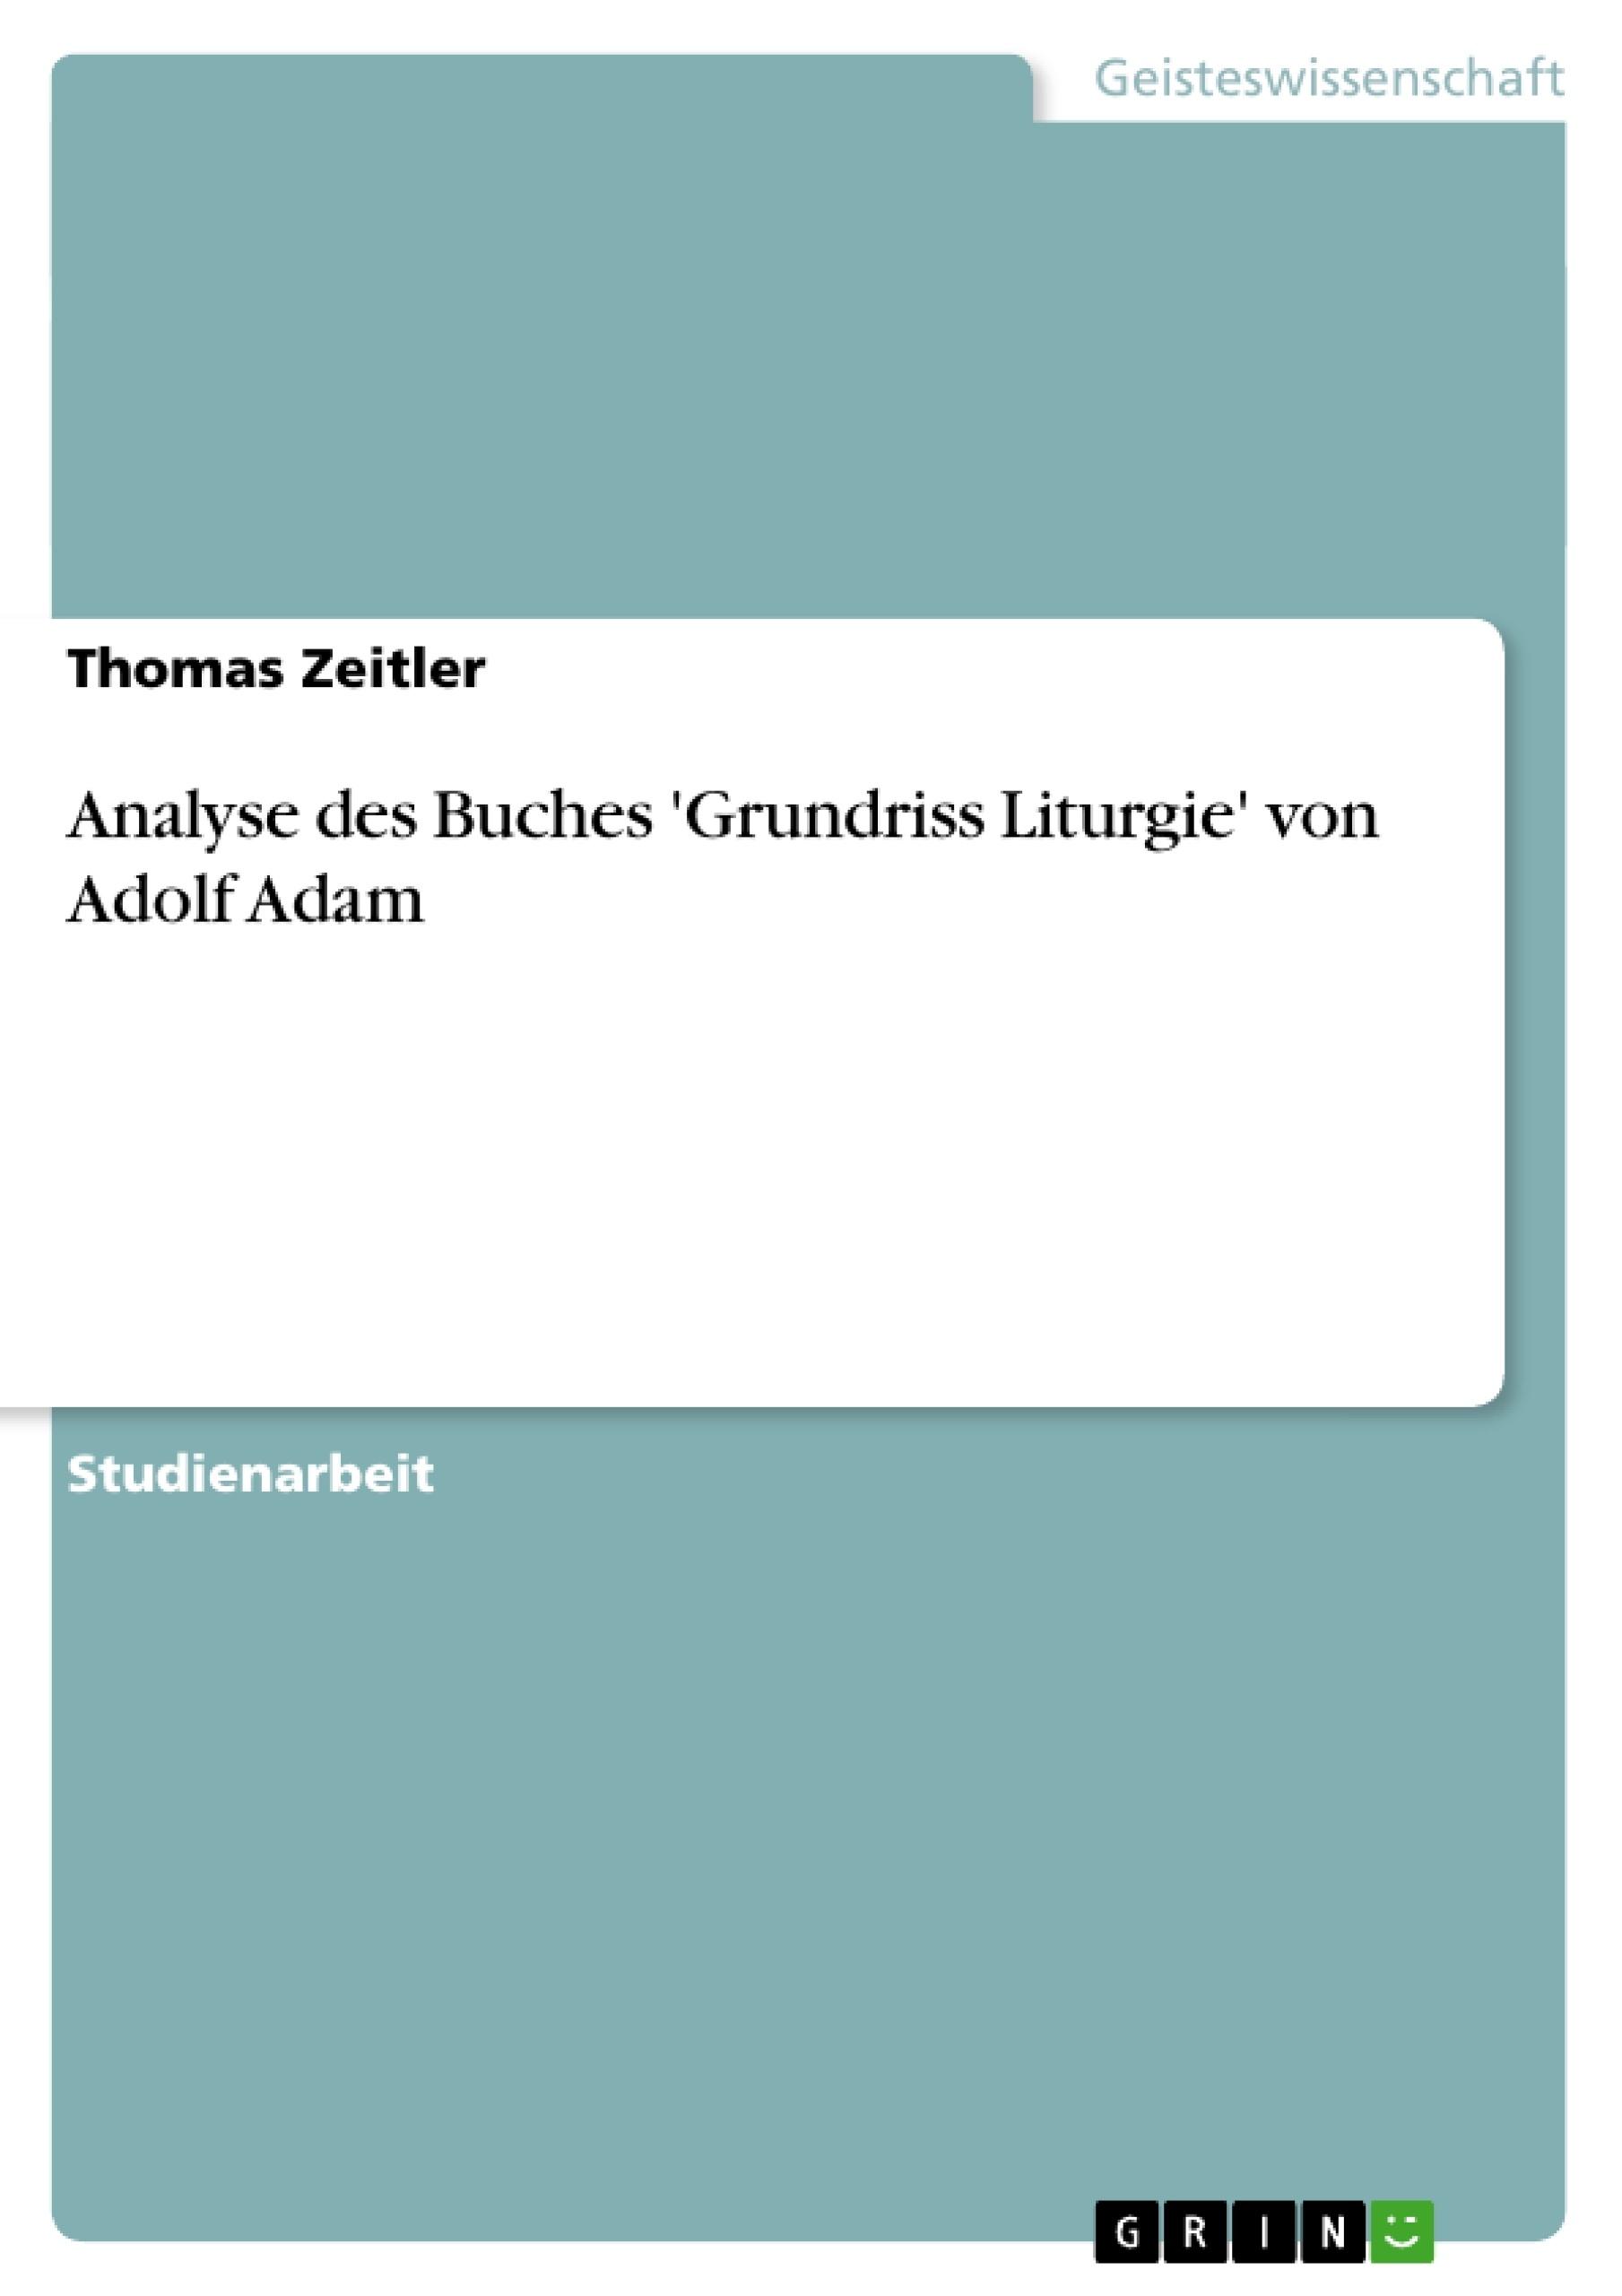 Titel: Analyse des Buches 'Grundriss Liturgie'  von Adolf Adam